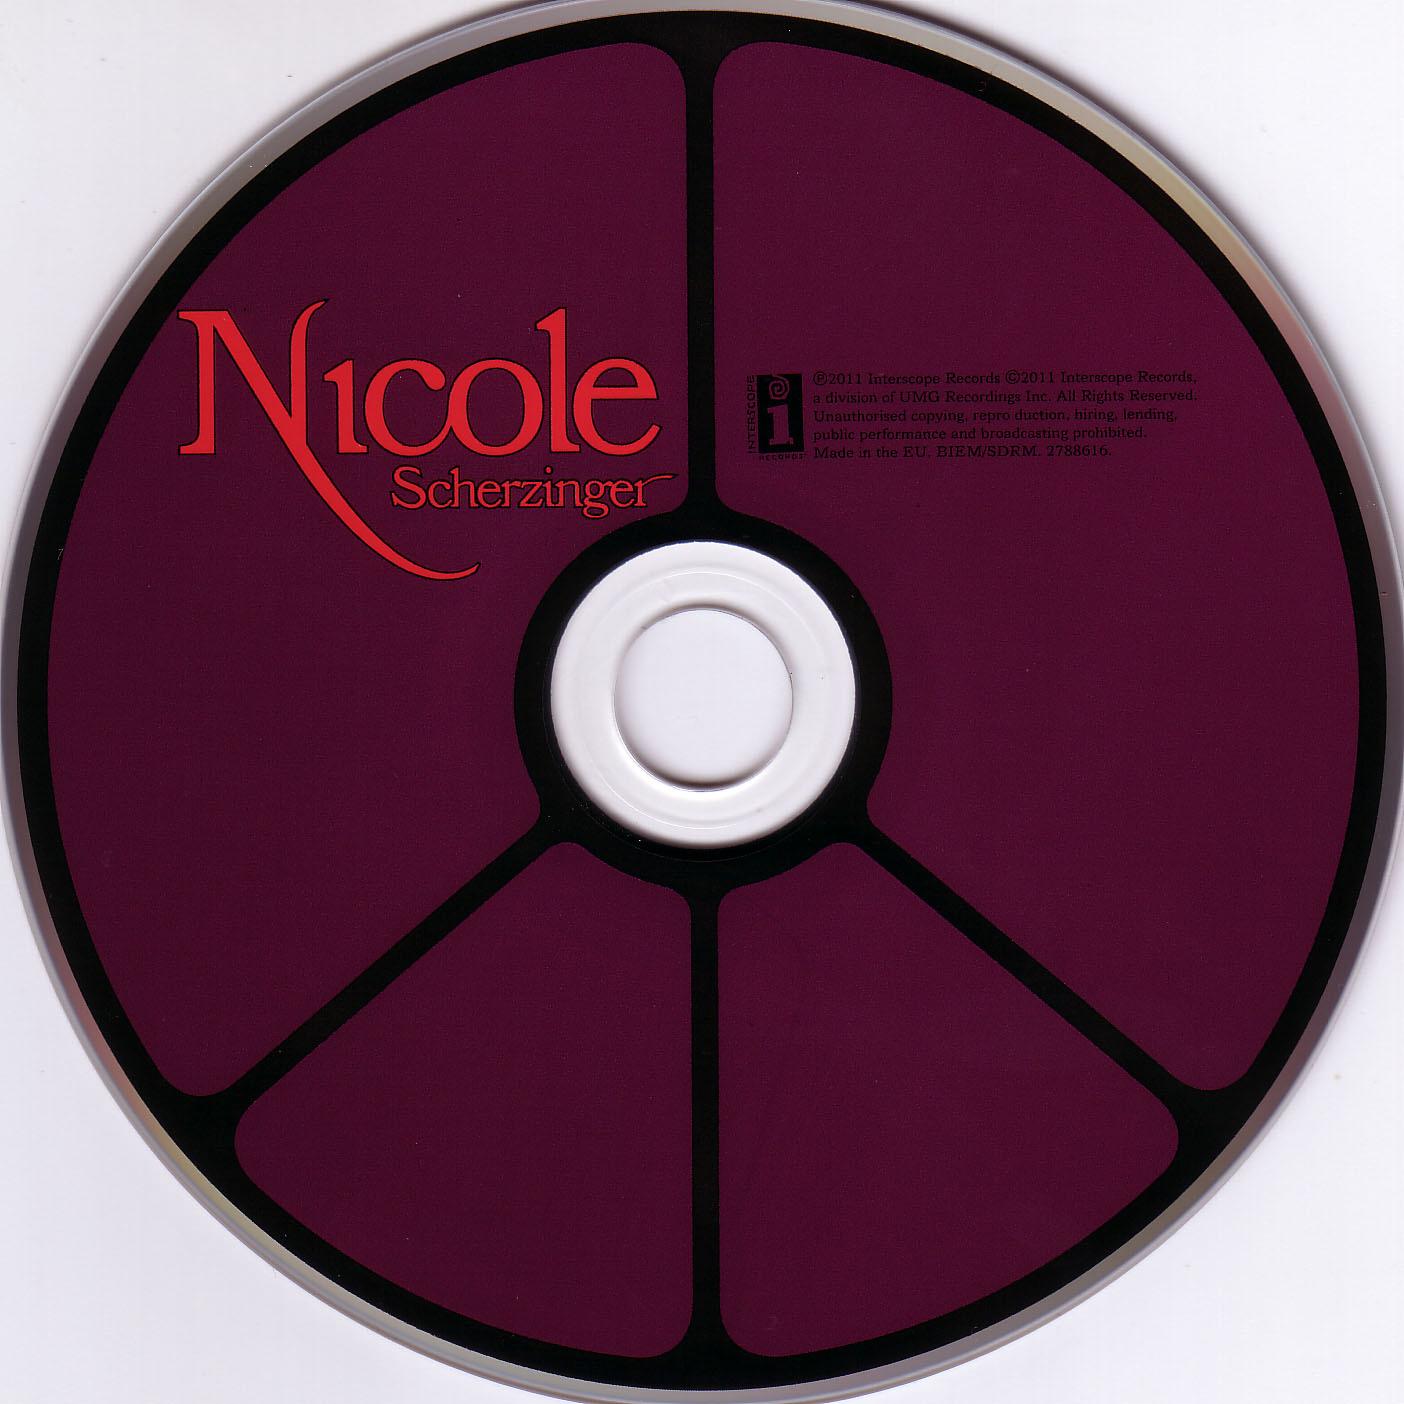 http://4.bp.blogspot.com/-OuM_4SgR5oE/TxxSoh73P-I/AAAAAAAAKks/D2VpiVIdFJw/s1600/Nicole%2BScherzinger%2B-%2BKiller%2BLove%2B-%2BCD.jpg